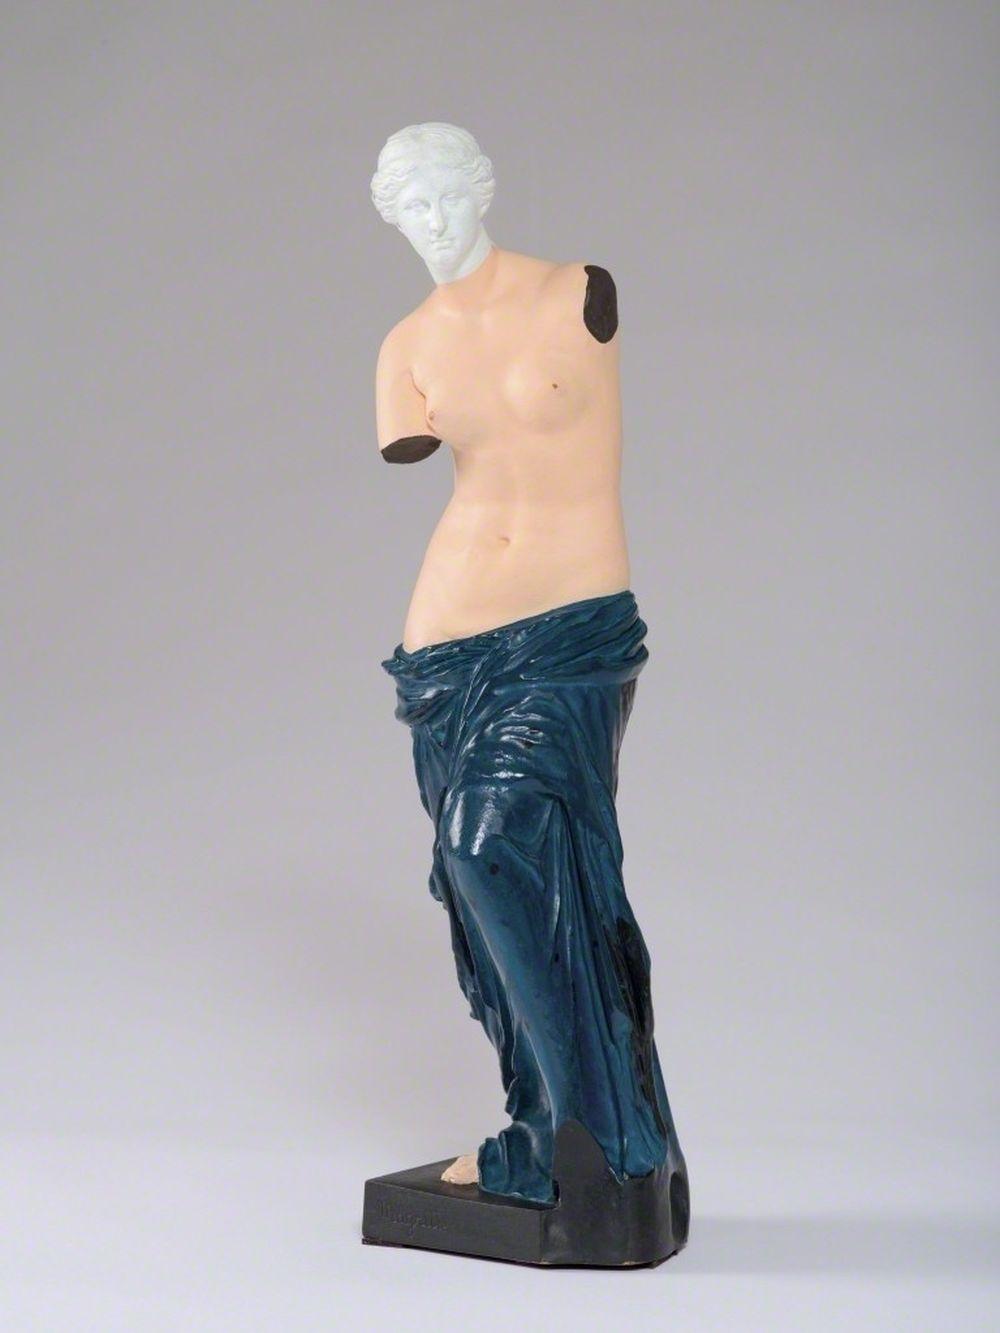 René Magritte - Les Menottes de Cuivre (1931)